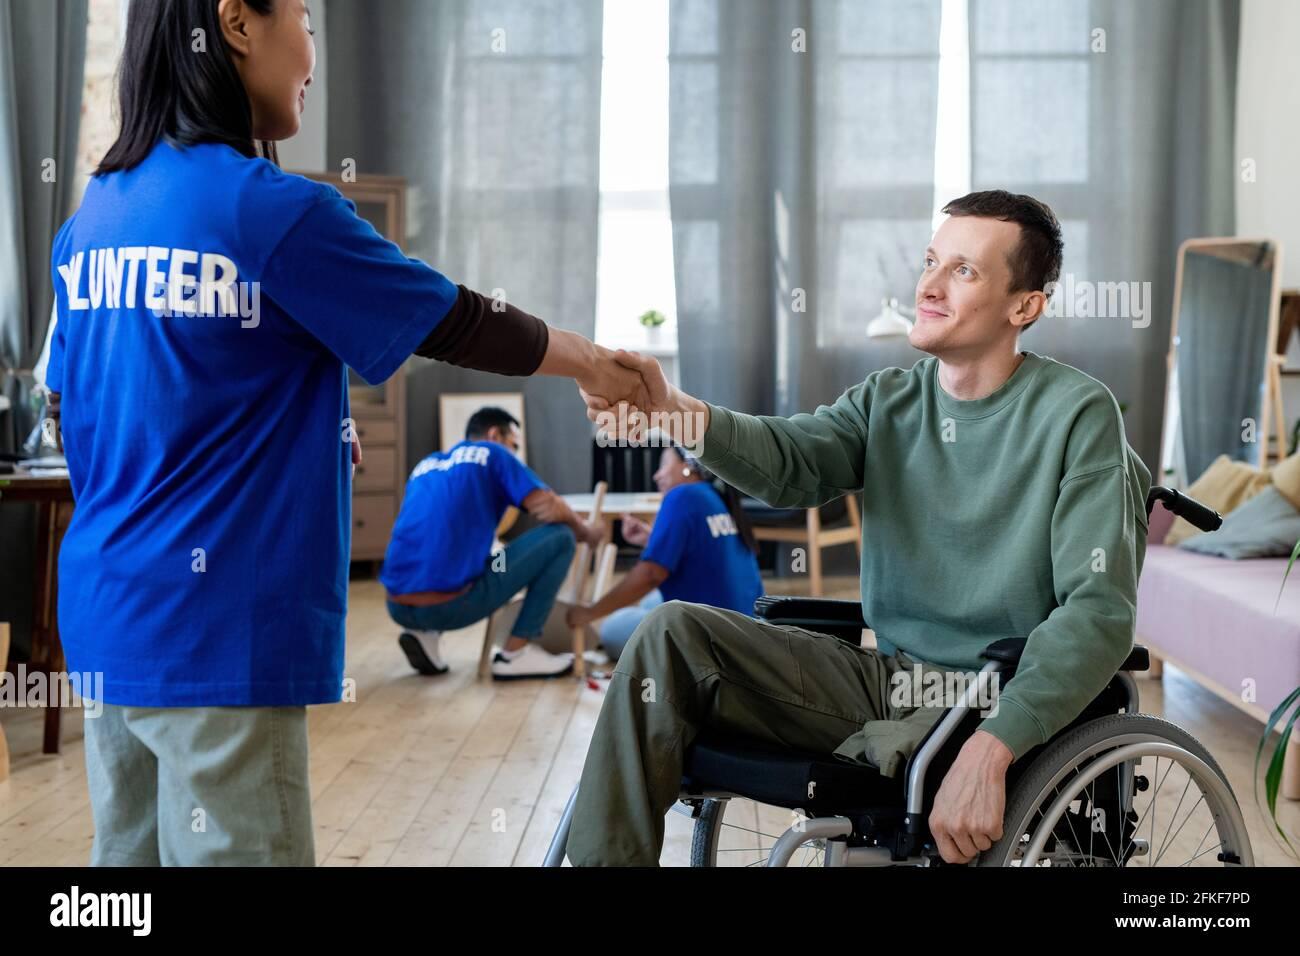 Une jeune femme volontaire se secouant la main de l'homme dans un fauteuil roulant Banque D'Images